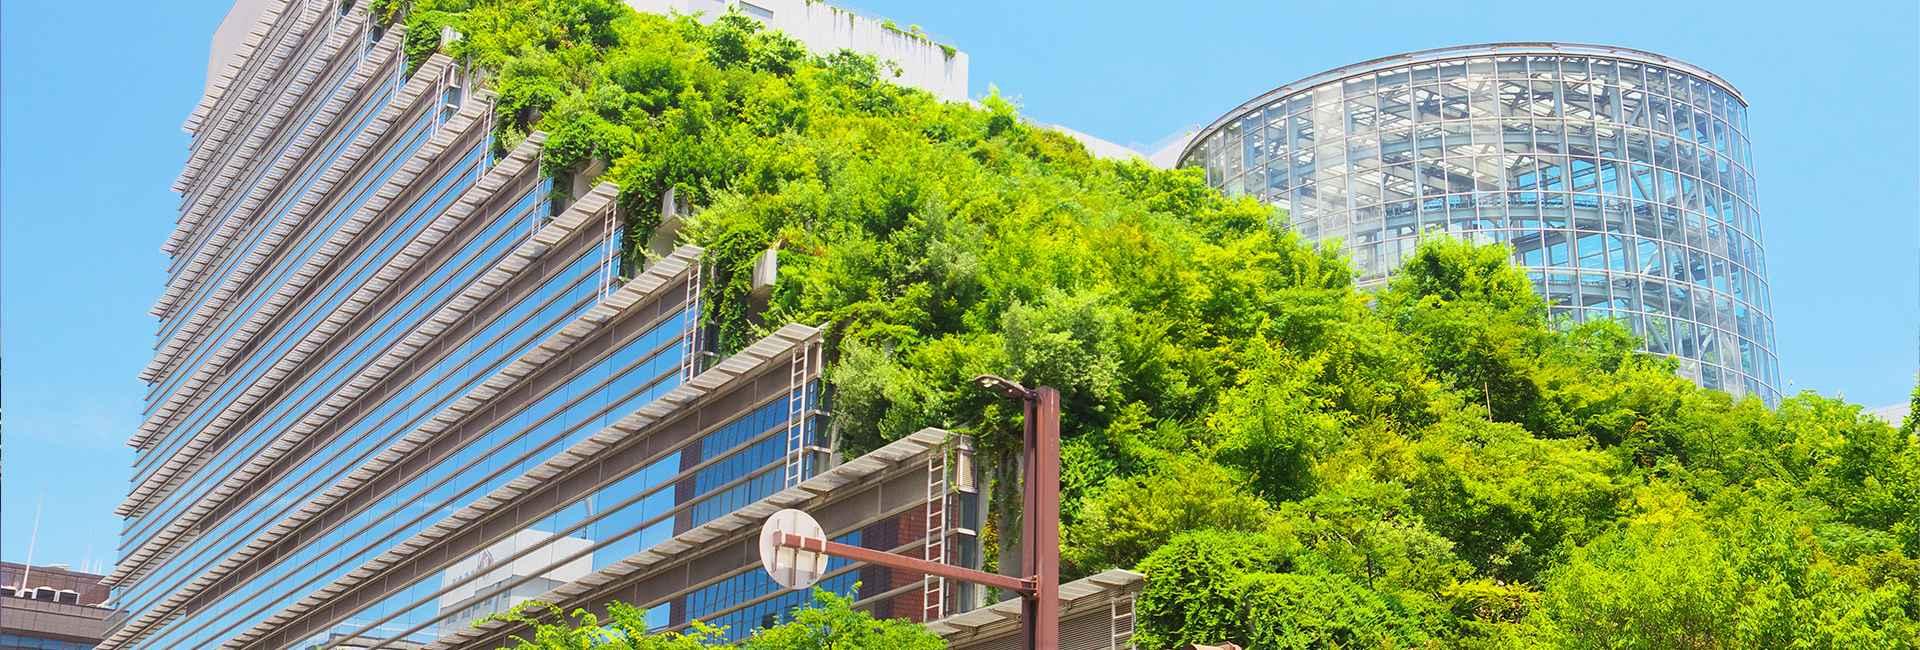 architecture in Fukuoka